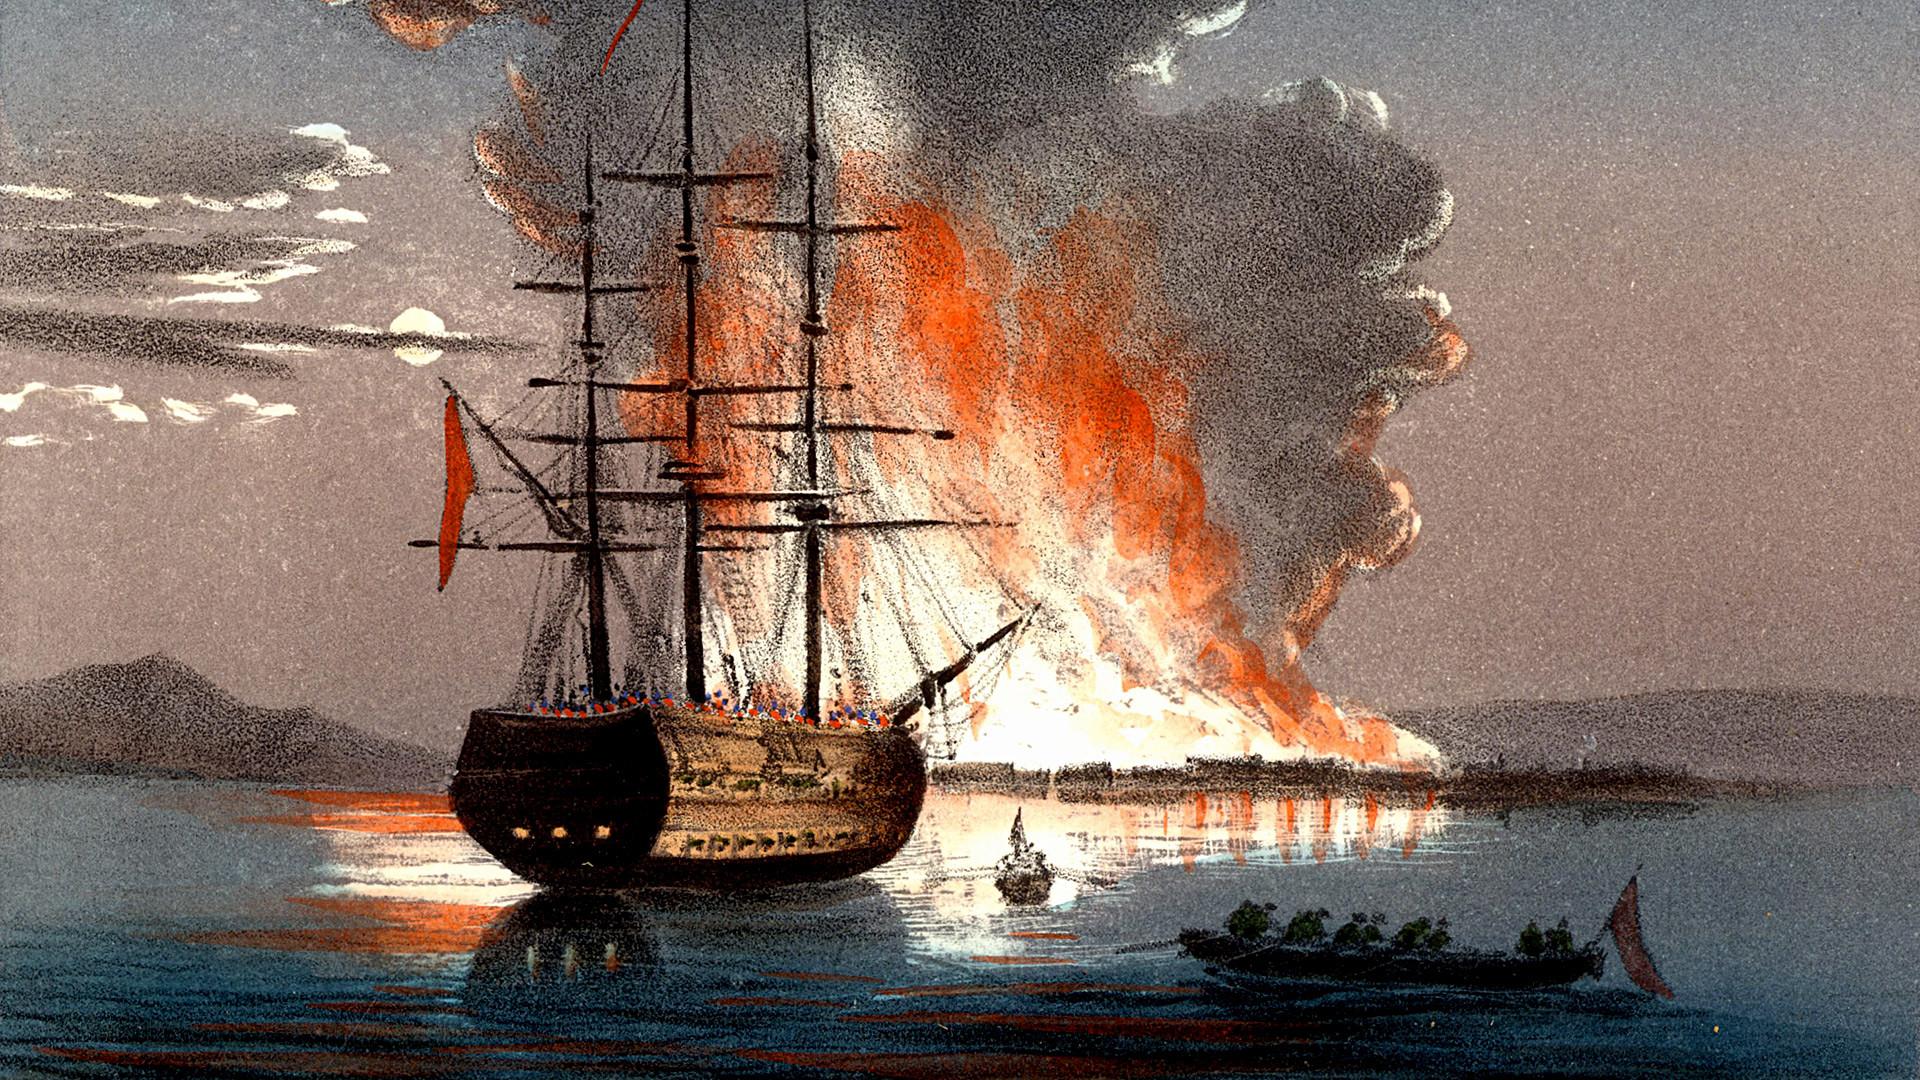 Pembakaran kapal di Kale (Canakkale) di Dardanelles (Hellespont) selama Perang Krimea. Litograf berwarna diterbitkan di Italia pada 1857.